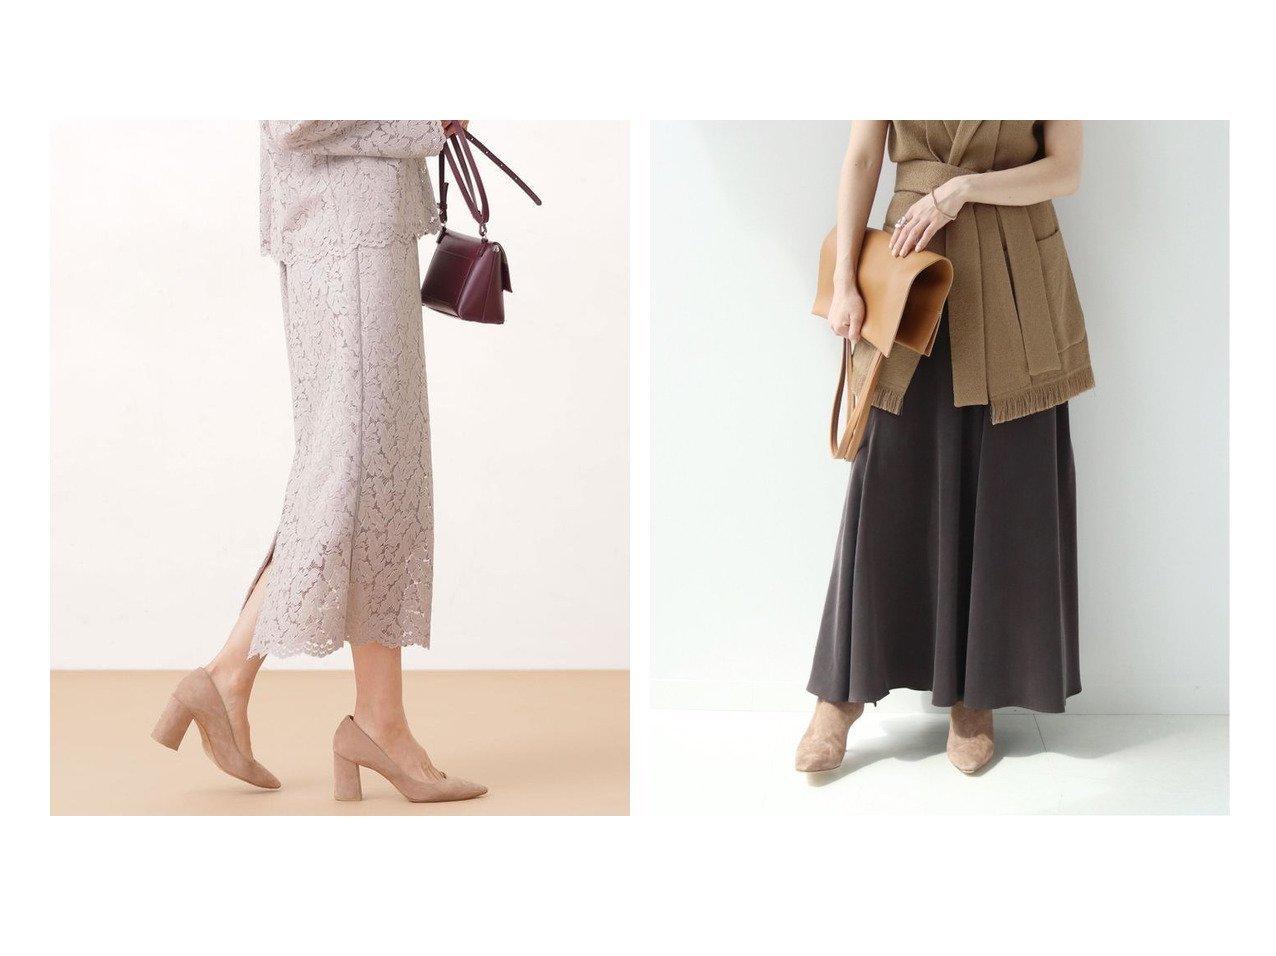 【Plage/プラージュ】の《追加》Fibril Slit スカート2&【nano universe/ナノ ユニバース】のリーフレースタイトスカート (セットアップ可) スカートのおすすめ!人気トレンド・レディースファッションの通販 おすすめで人気の流行・トレンド、ファッションの通販商品 メンズファッション・キッズファッション・インテリア・家具・レディースファッション・服の通販 founy(ファニー) https://founy.com/ ファッション Fashion レディースファッション WOMEN セットアップ Setup スカート Skirt スカート Skirt Aライン/フレアスカート Flared A-Line Skirts セットアップ タイトスカート ボタニカル モチーフ リーフ レース A/W 秋冬 Autumn &  Winter シンプル スリット |ID:crp329100000008974